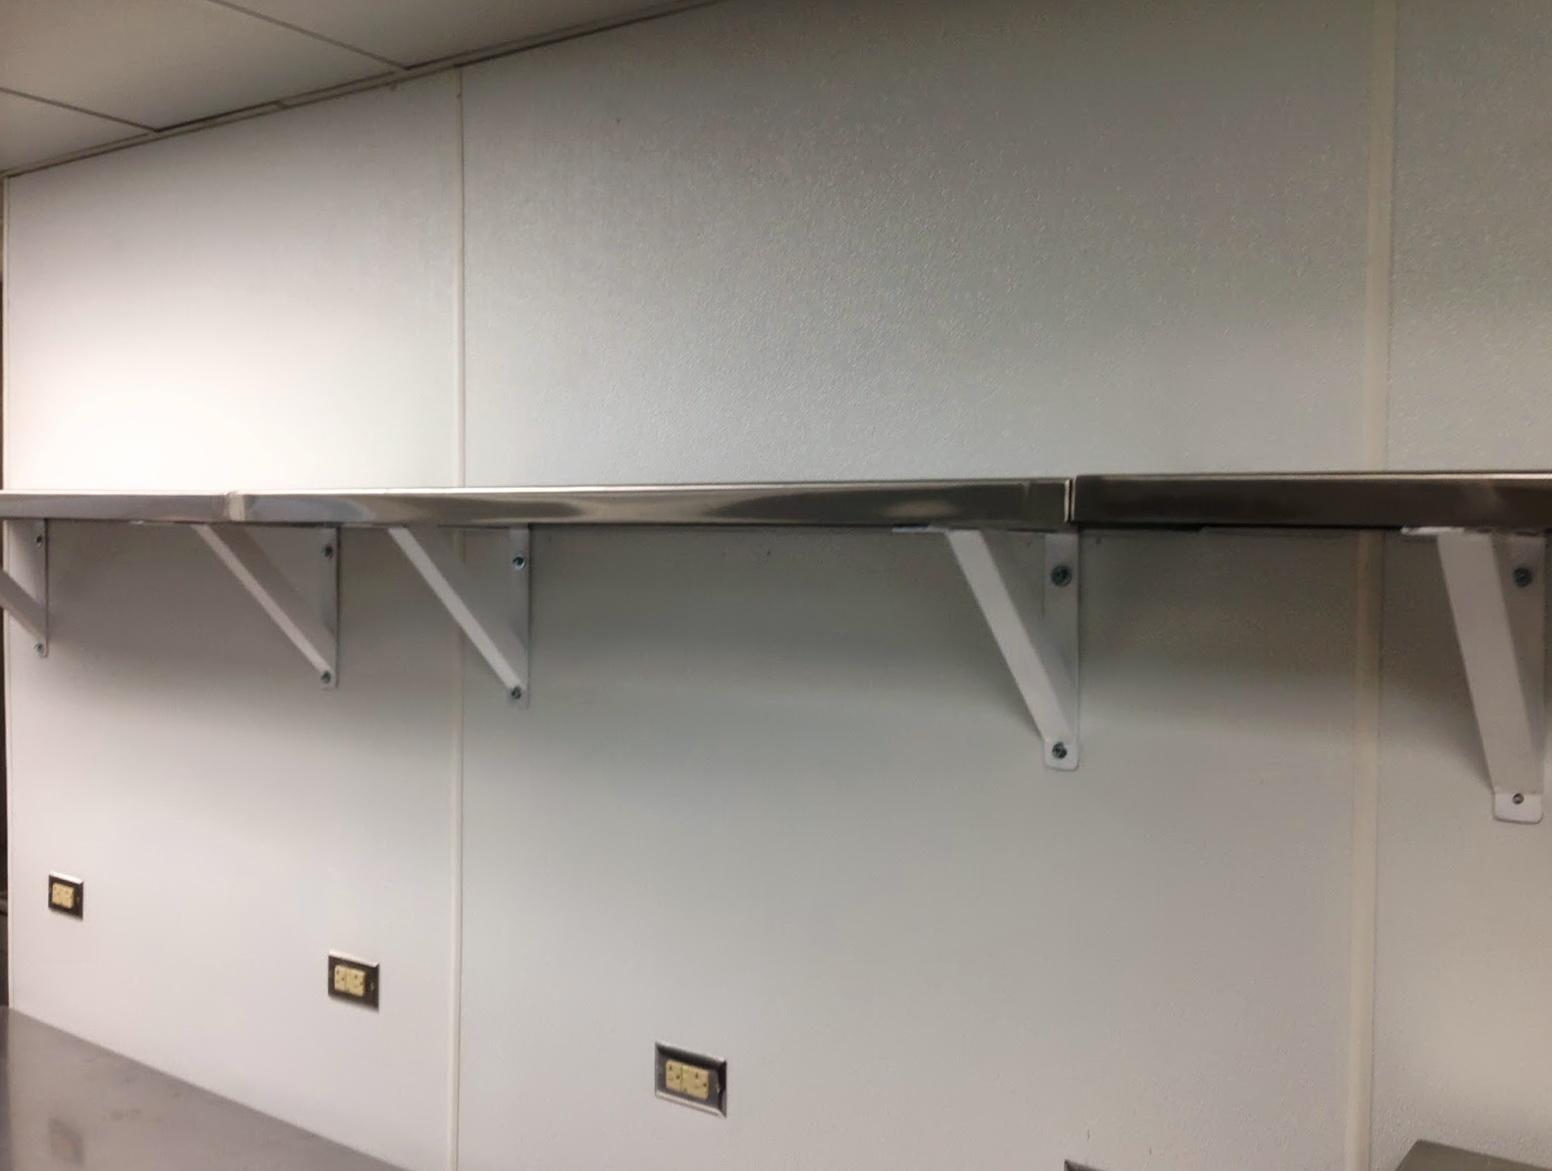 Stainless Steel Wall Shelves Restaurant